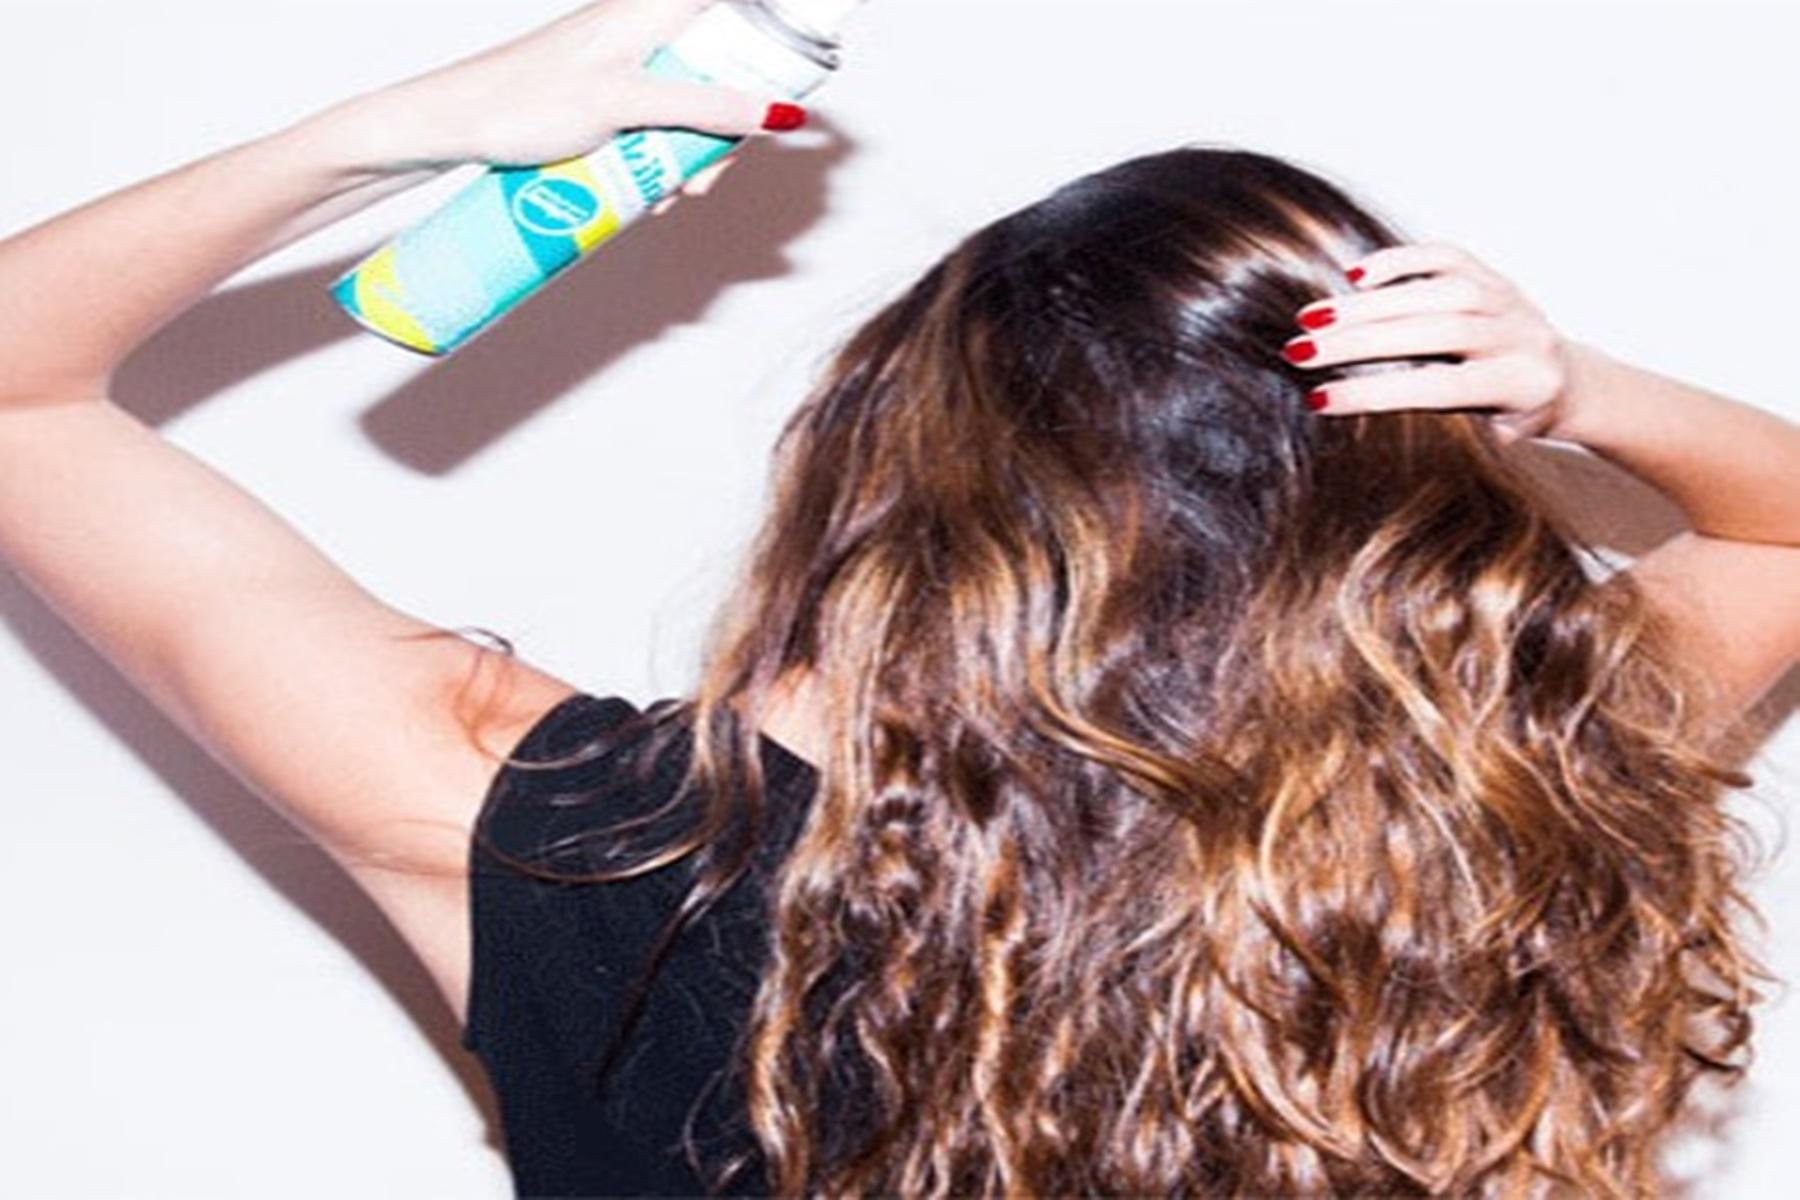 Ξηρό σαμπουάν : Είναι ωφέλιμο για τα μαλλιά